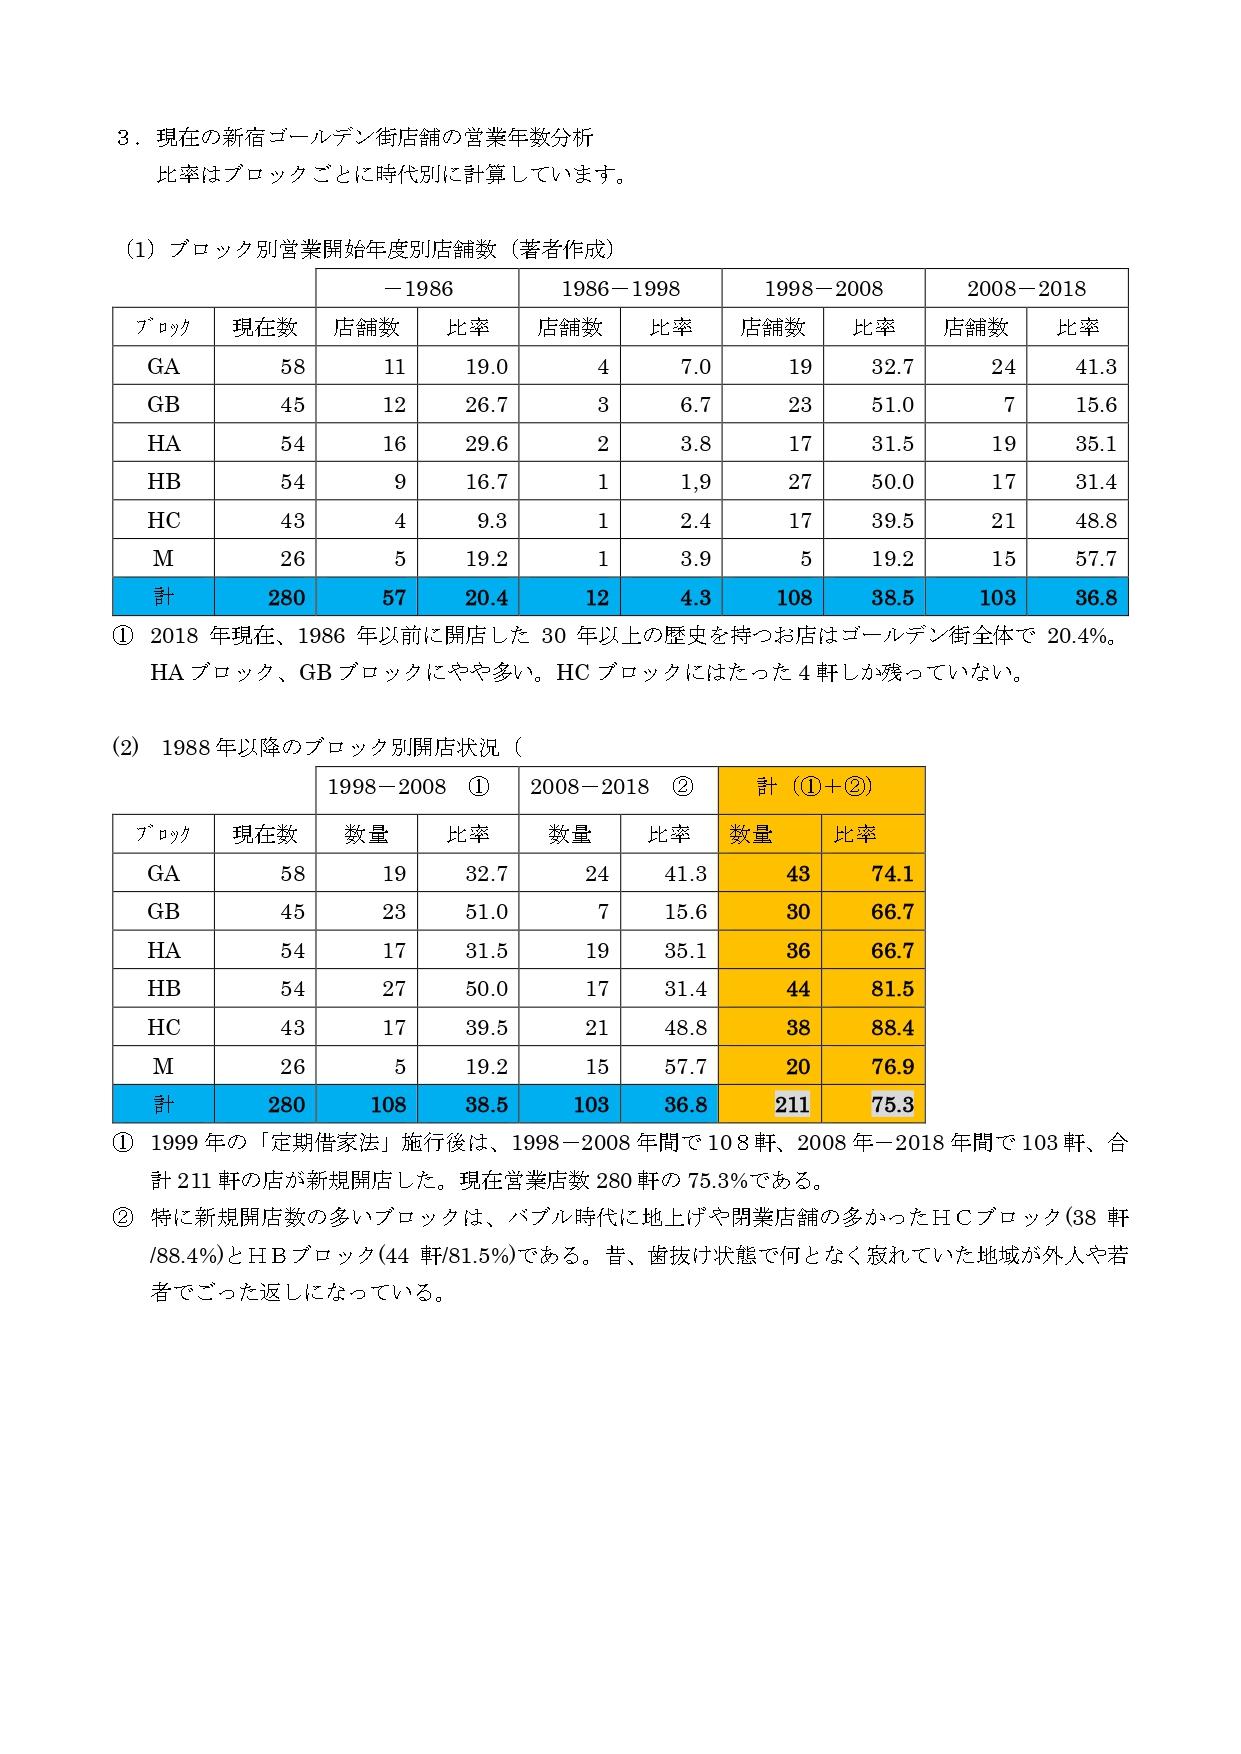 %e5%a5%a5%e5%b1%b1%e8%b3%87%e6%96%993%e3%80%80%e3%82%b4%e3%83%bc%e3%83%ab%e3%83%87%e3%83%b3%e8%a1%97%e3%81%ae%e5%ba%97%e3%81%ae%e5%a4%89%e9%81%b7_pages-to-jpg-0003